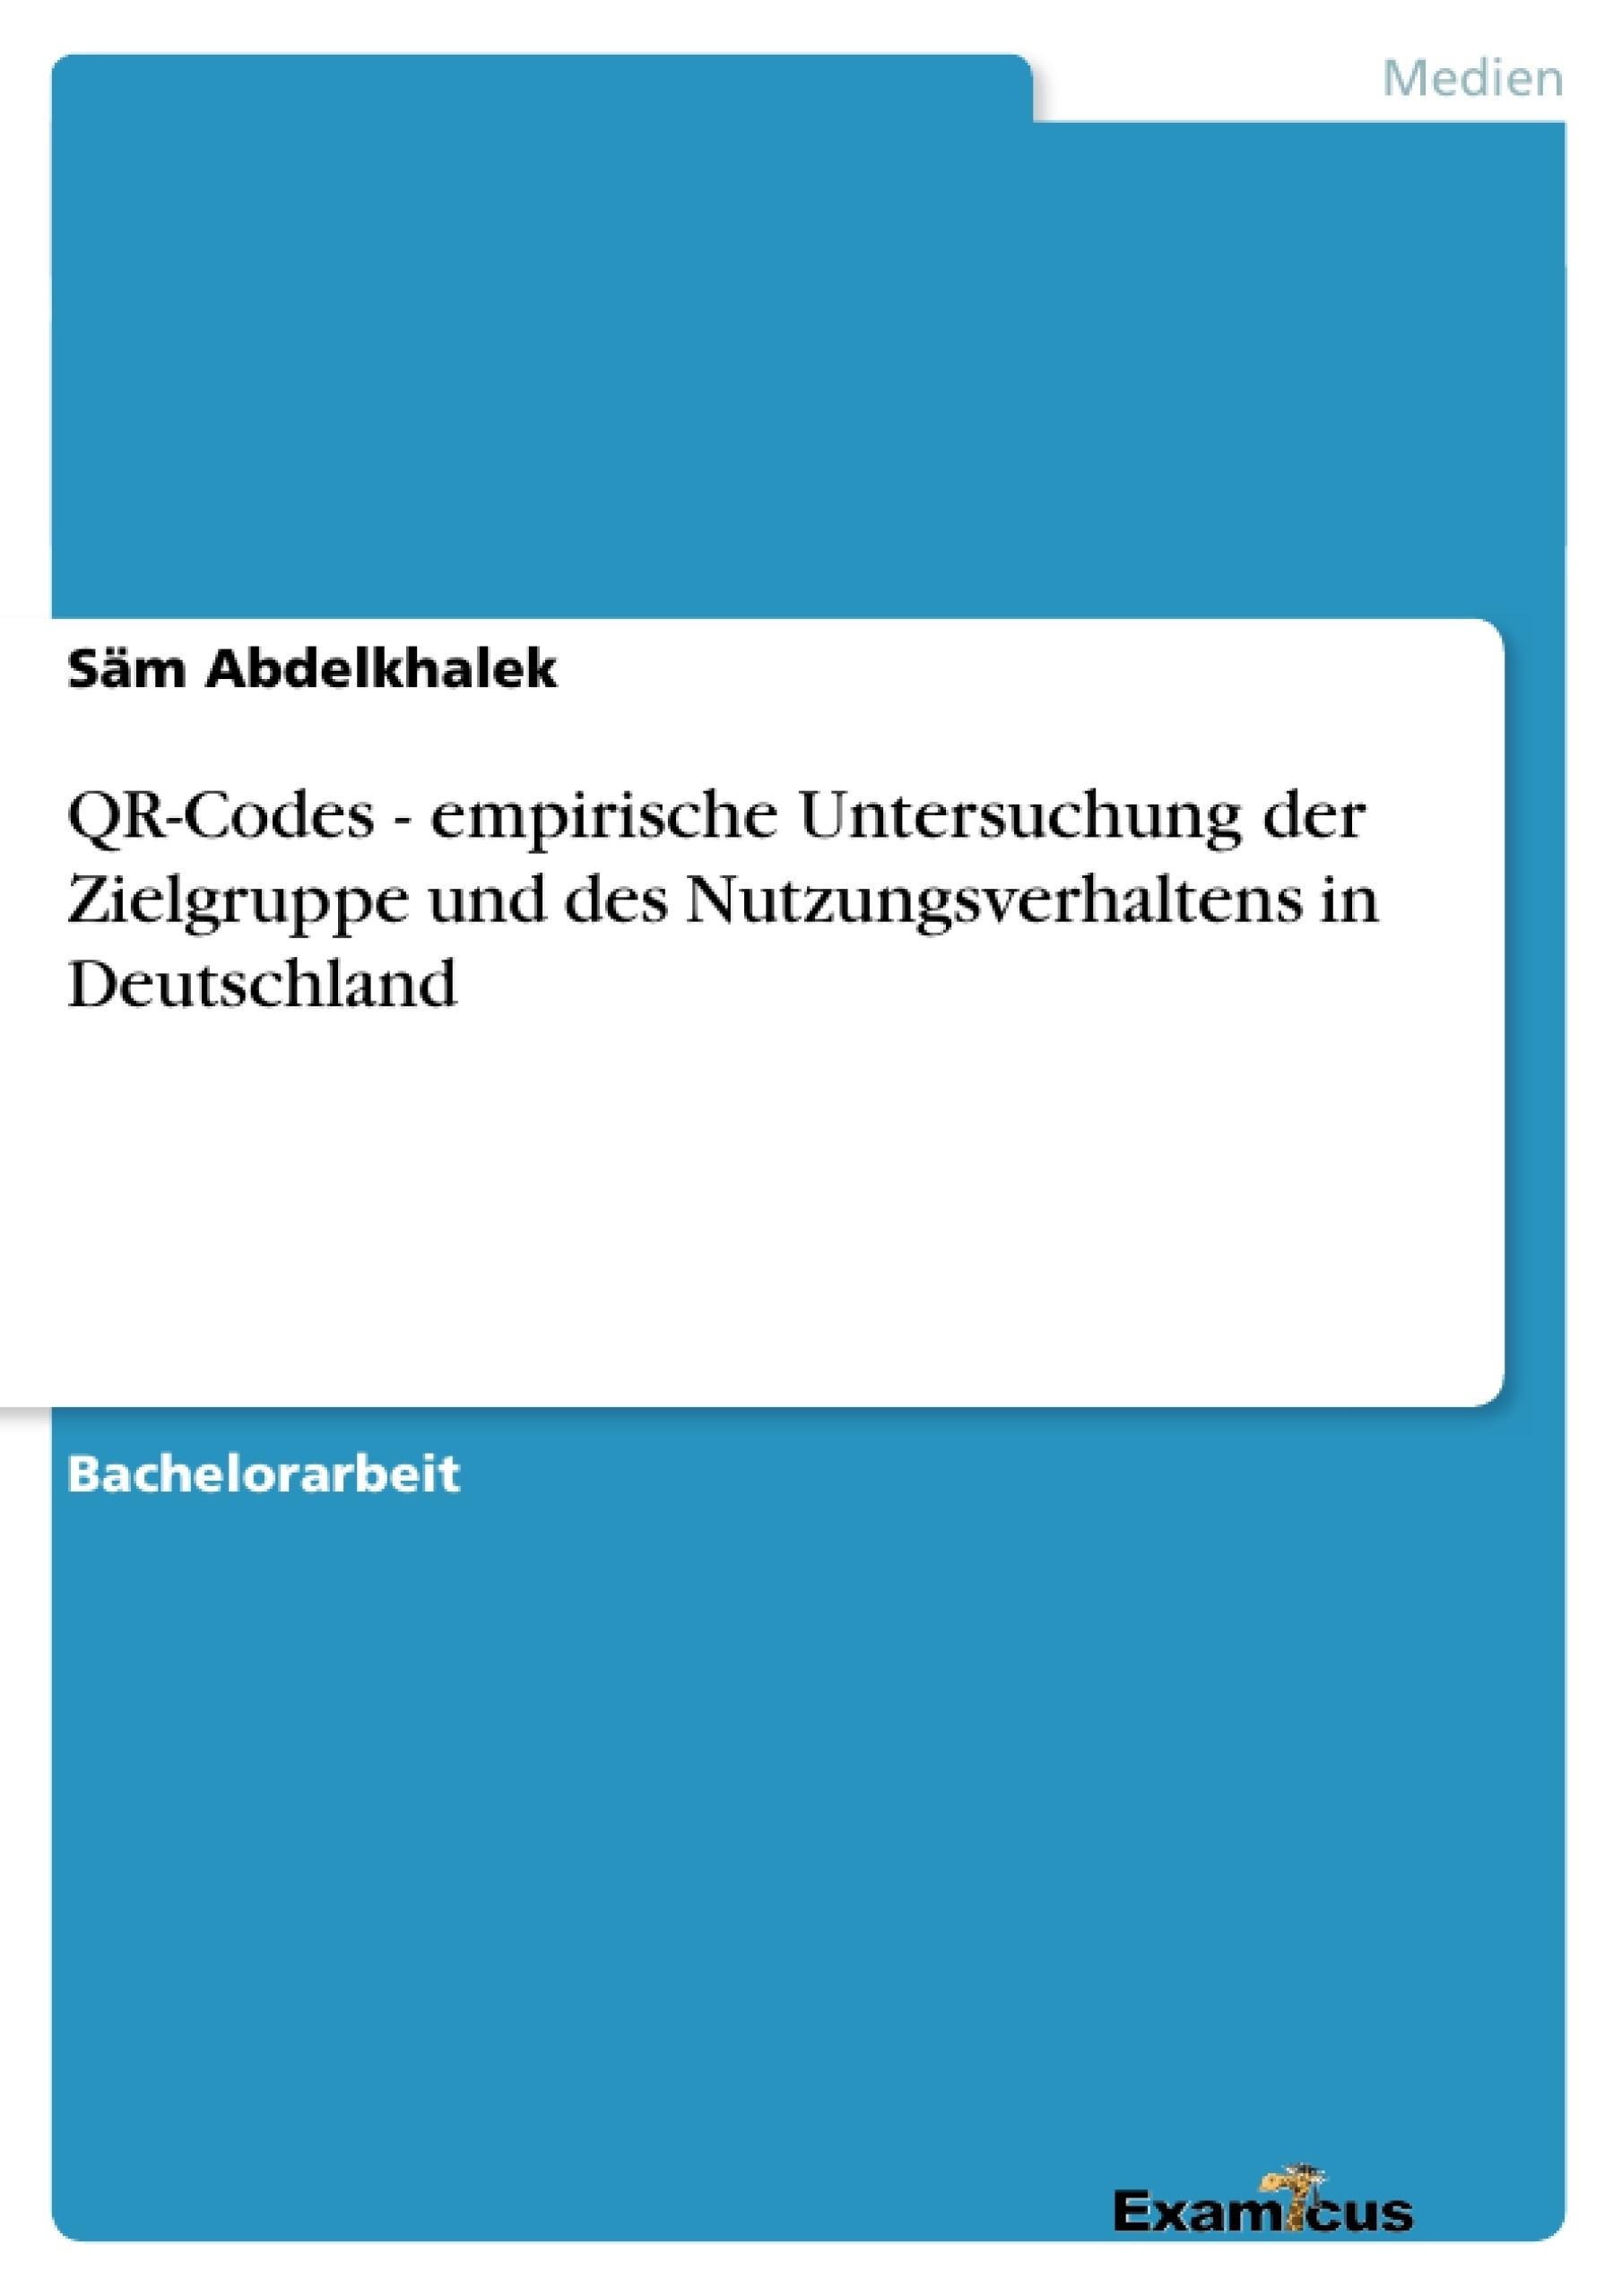 Titel: QR-Codes - empirische Untersuchung der Zielgruppe und des Nutzungsverhaltens in Deutschland